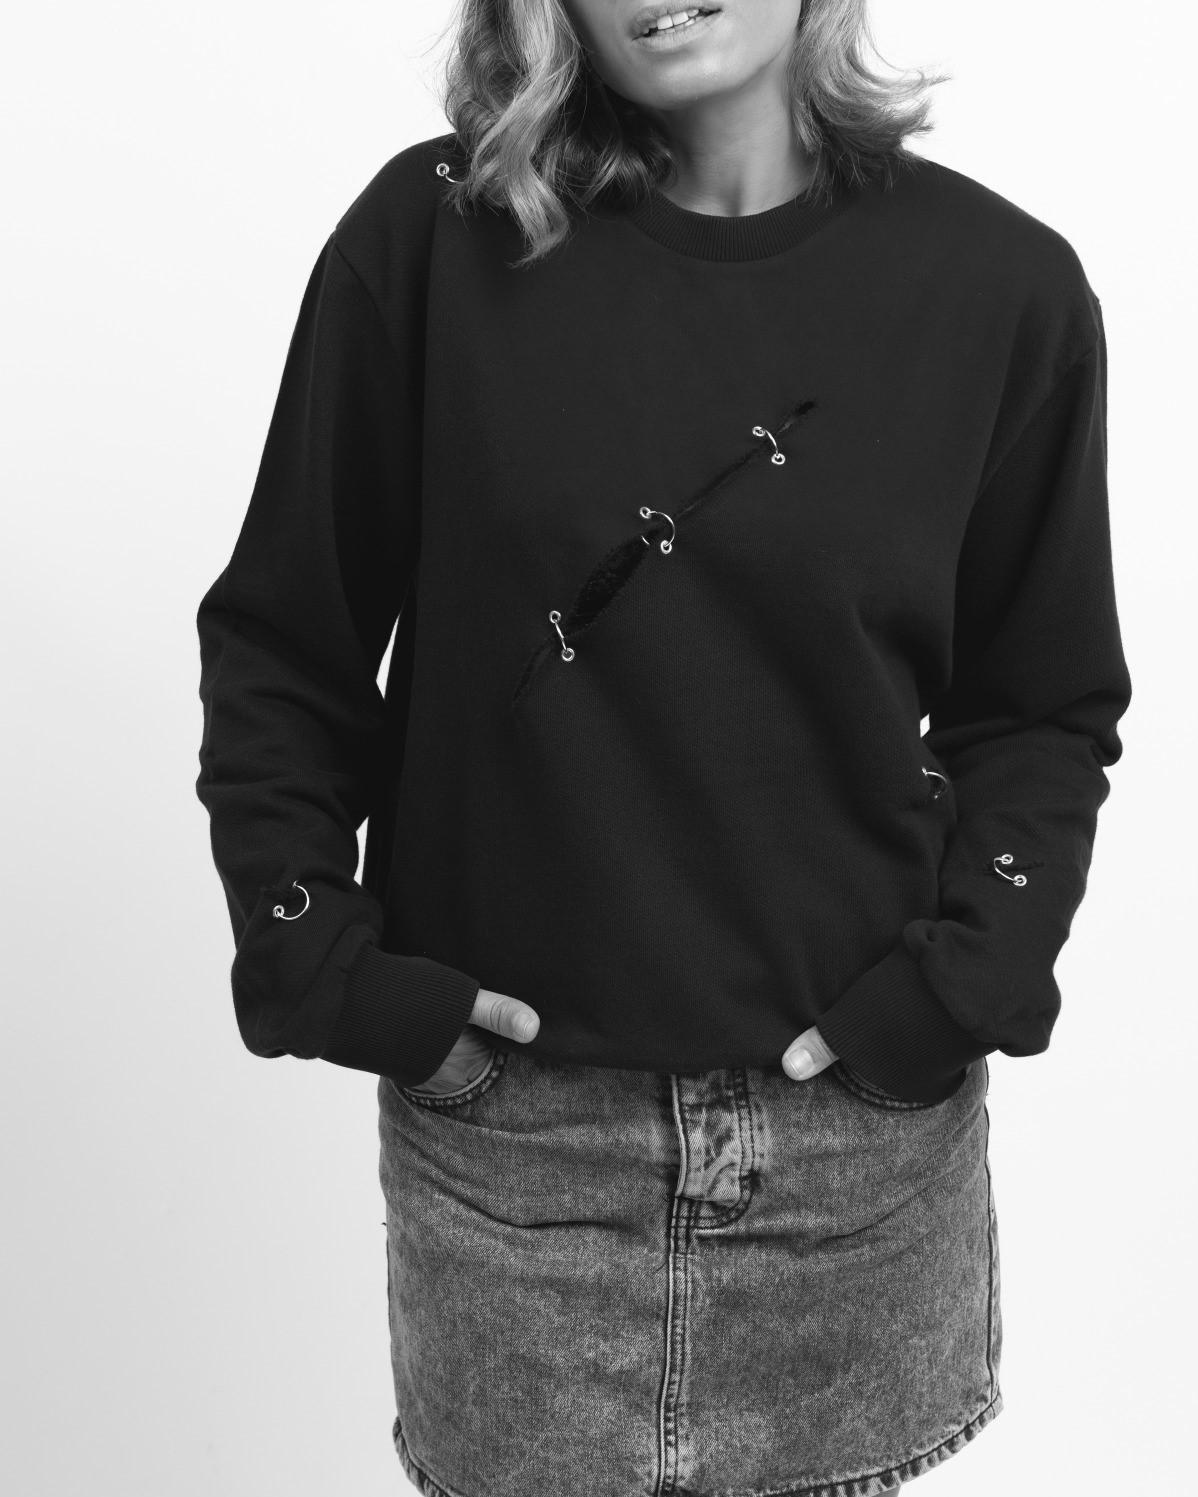 Sudadera Grunge, con diferentes rotos y piercings a lo largo de la prenda